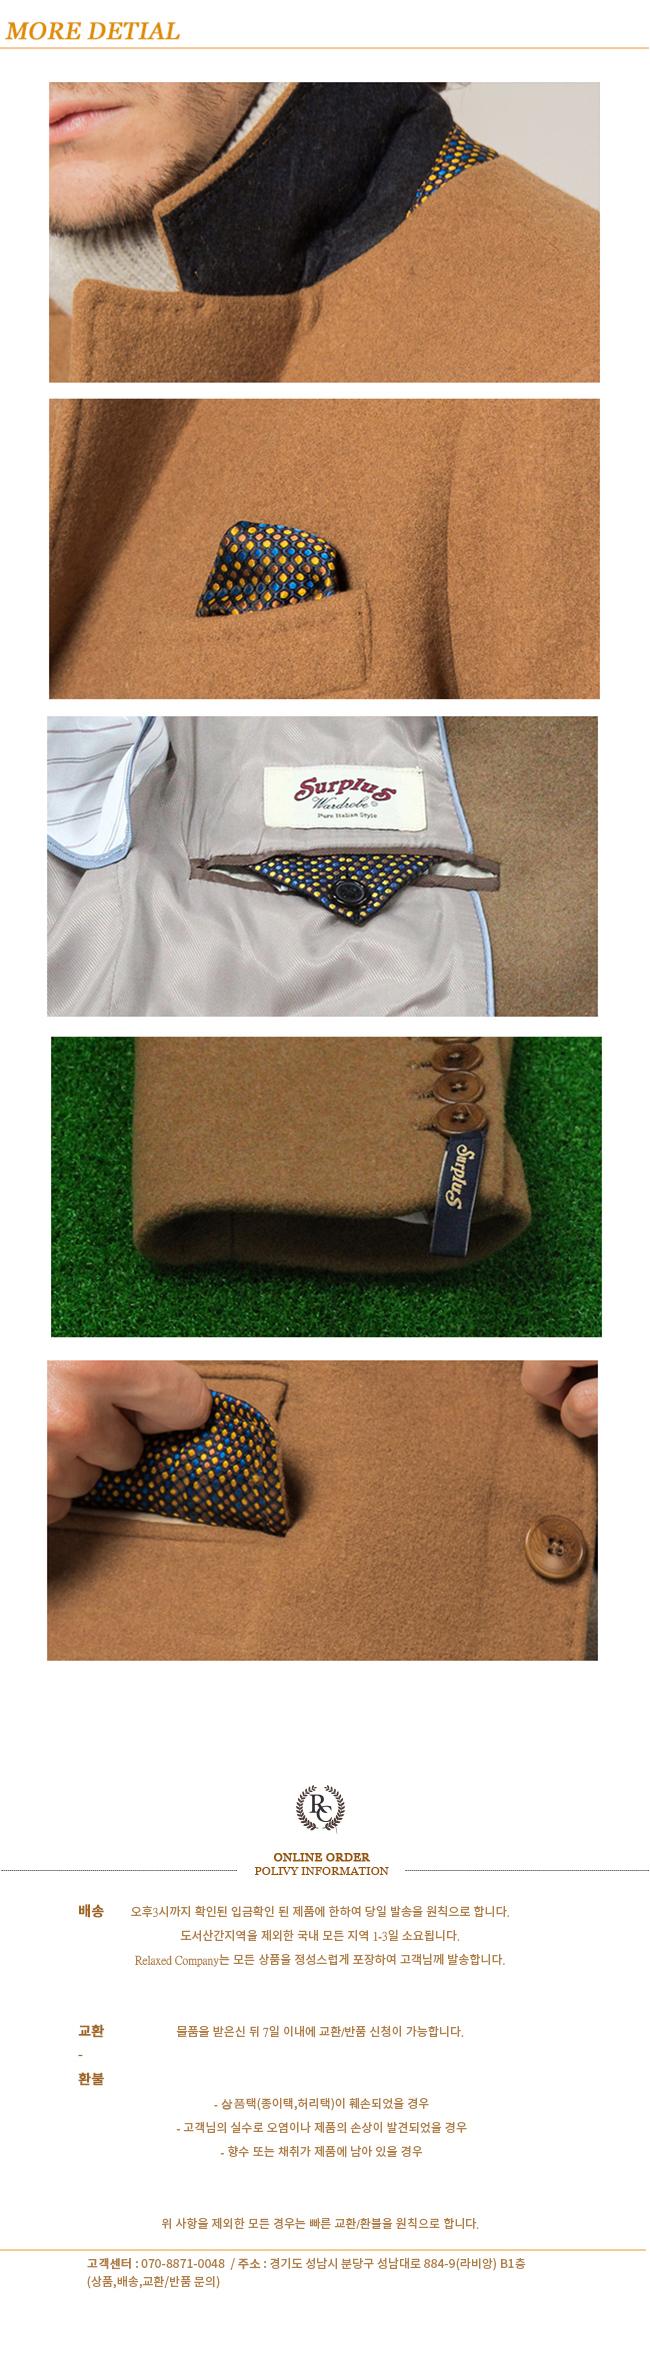 지아니루포(GIANNI LUPO) Sw218607 엣지 포인트 라나울 코트(Cm)